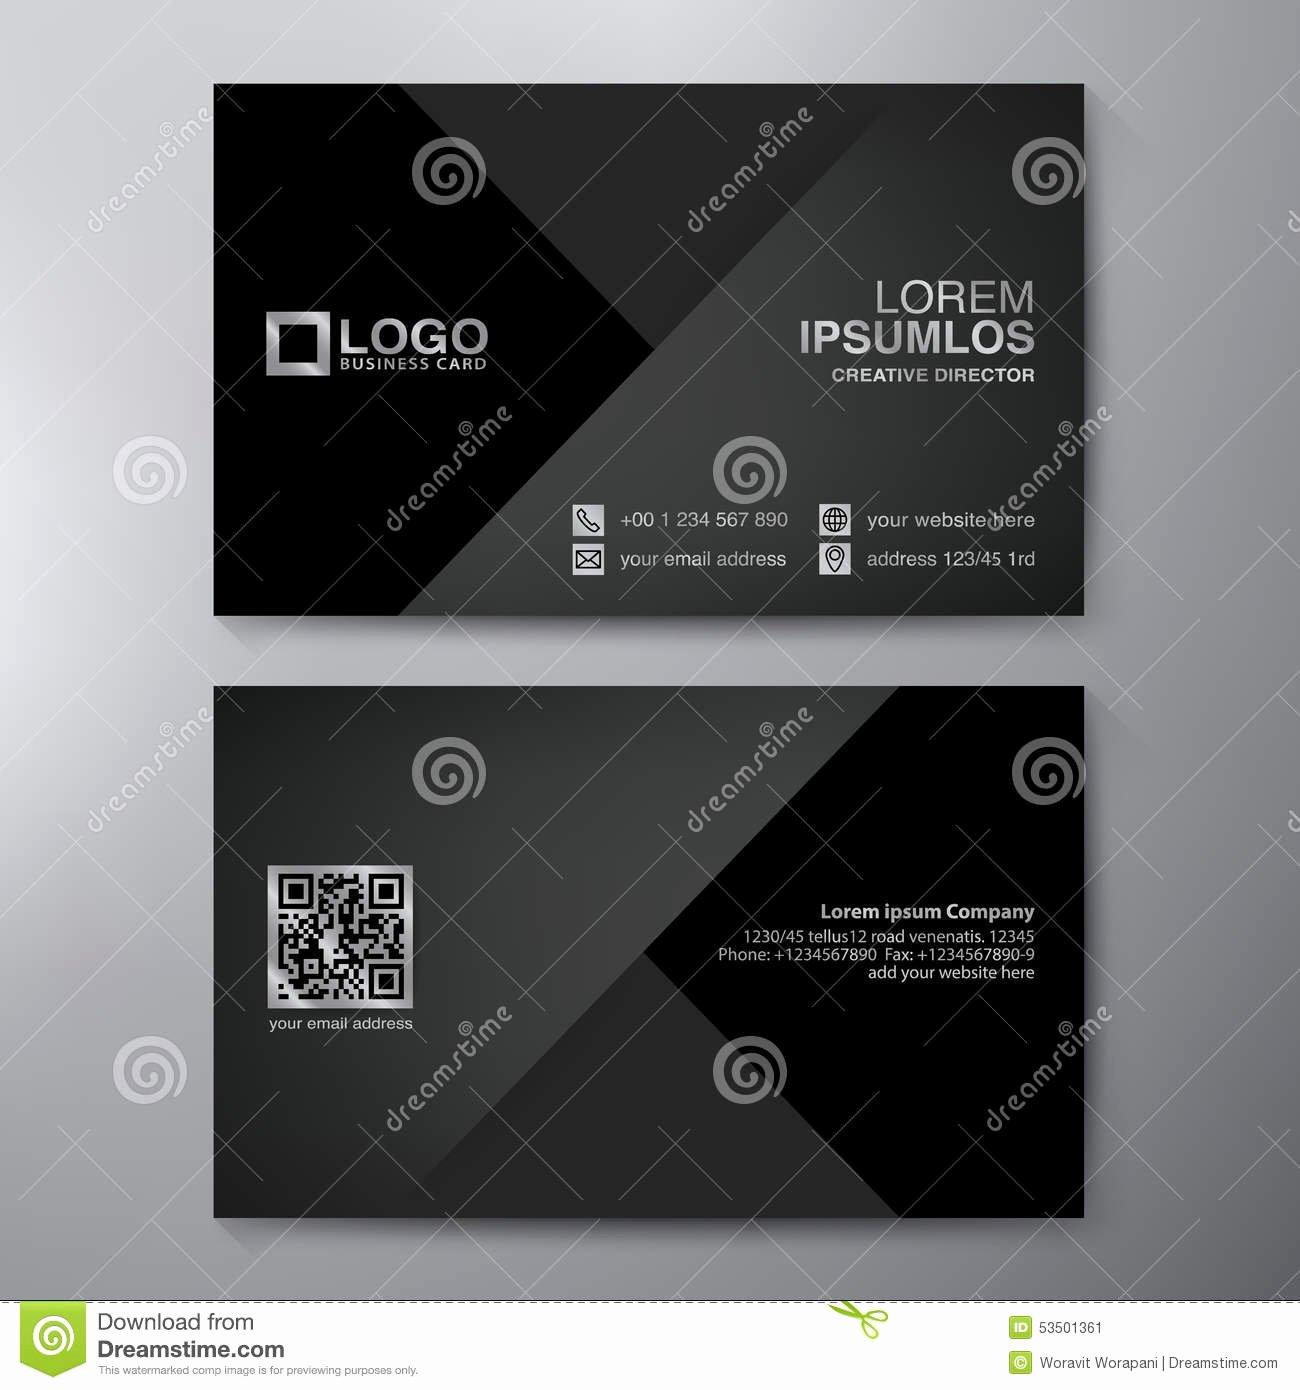 Business Card Template Vector Fresh Modern Business Card Design Template Stock Vector Image